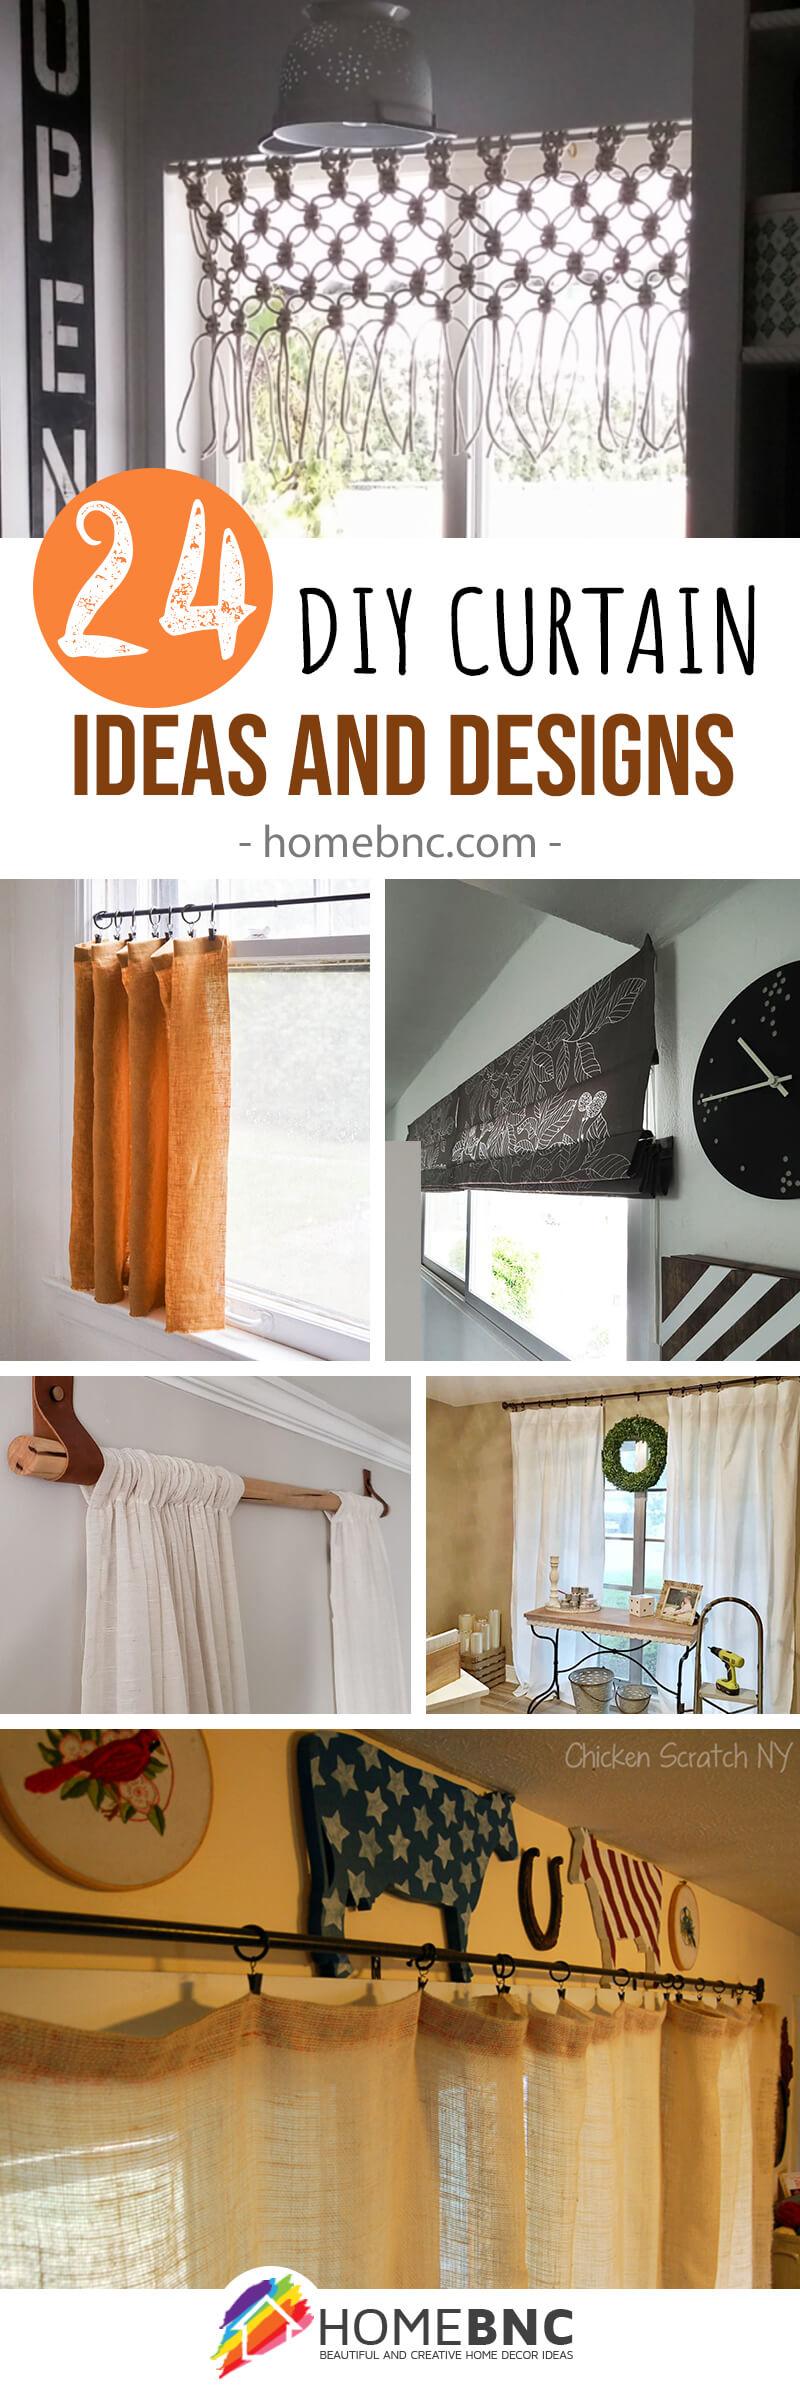 Best DIY Curtain Ideas